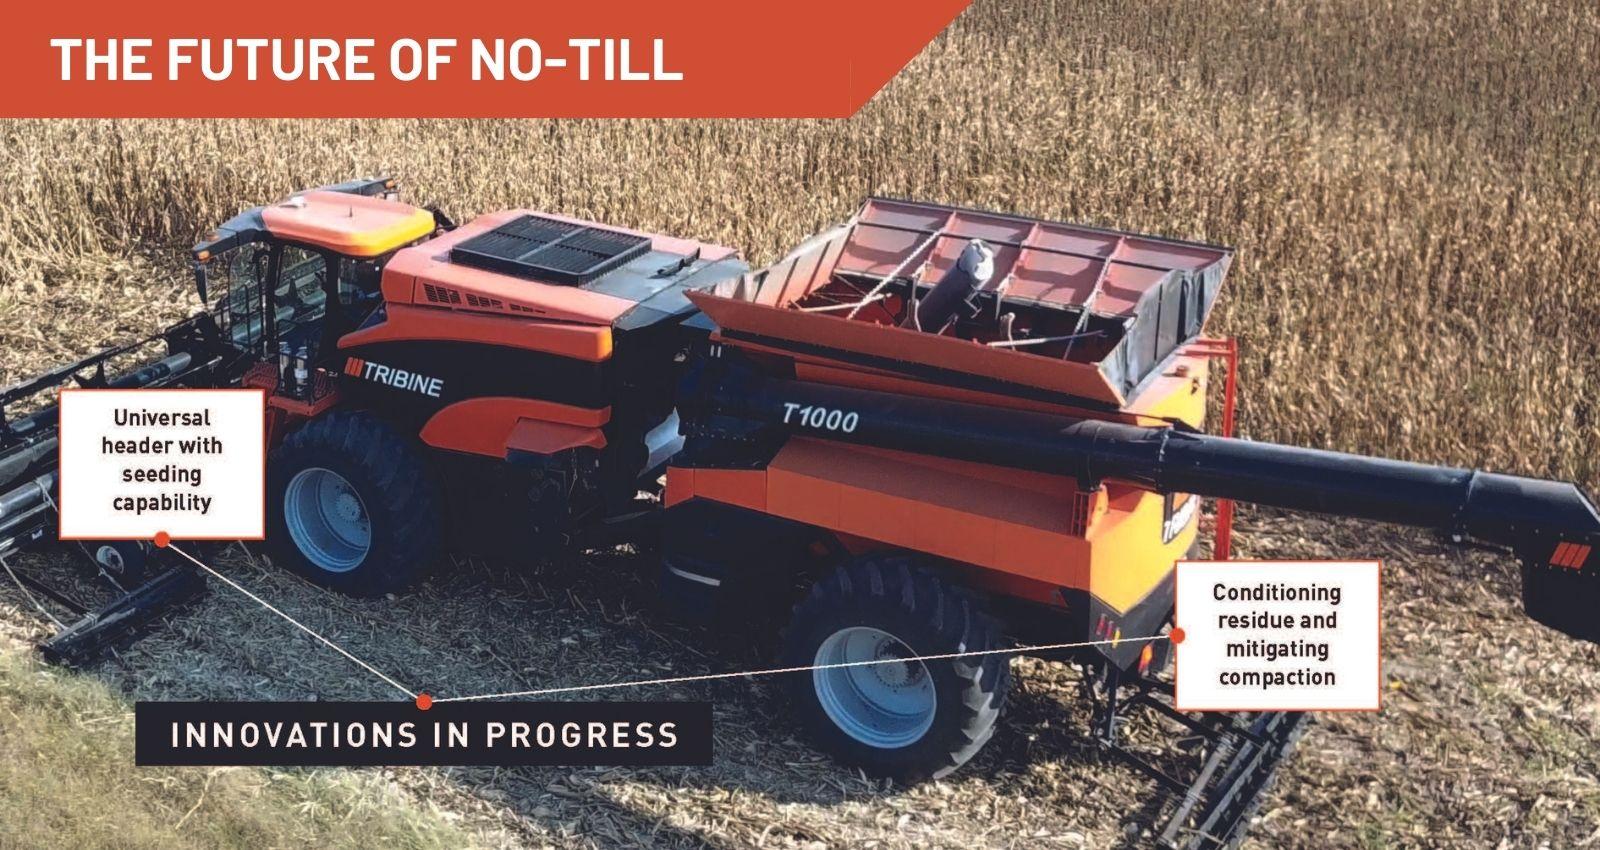 Tribine in corn field